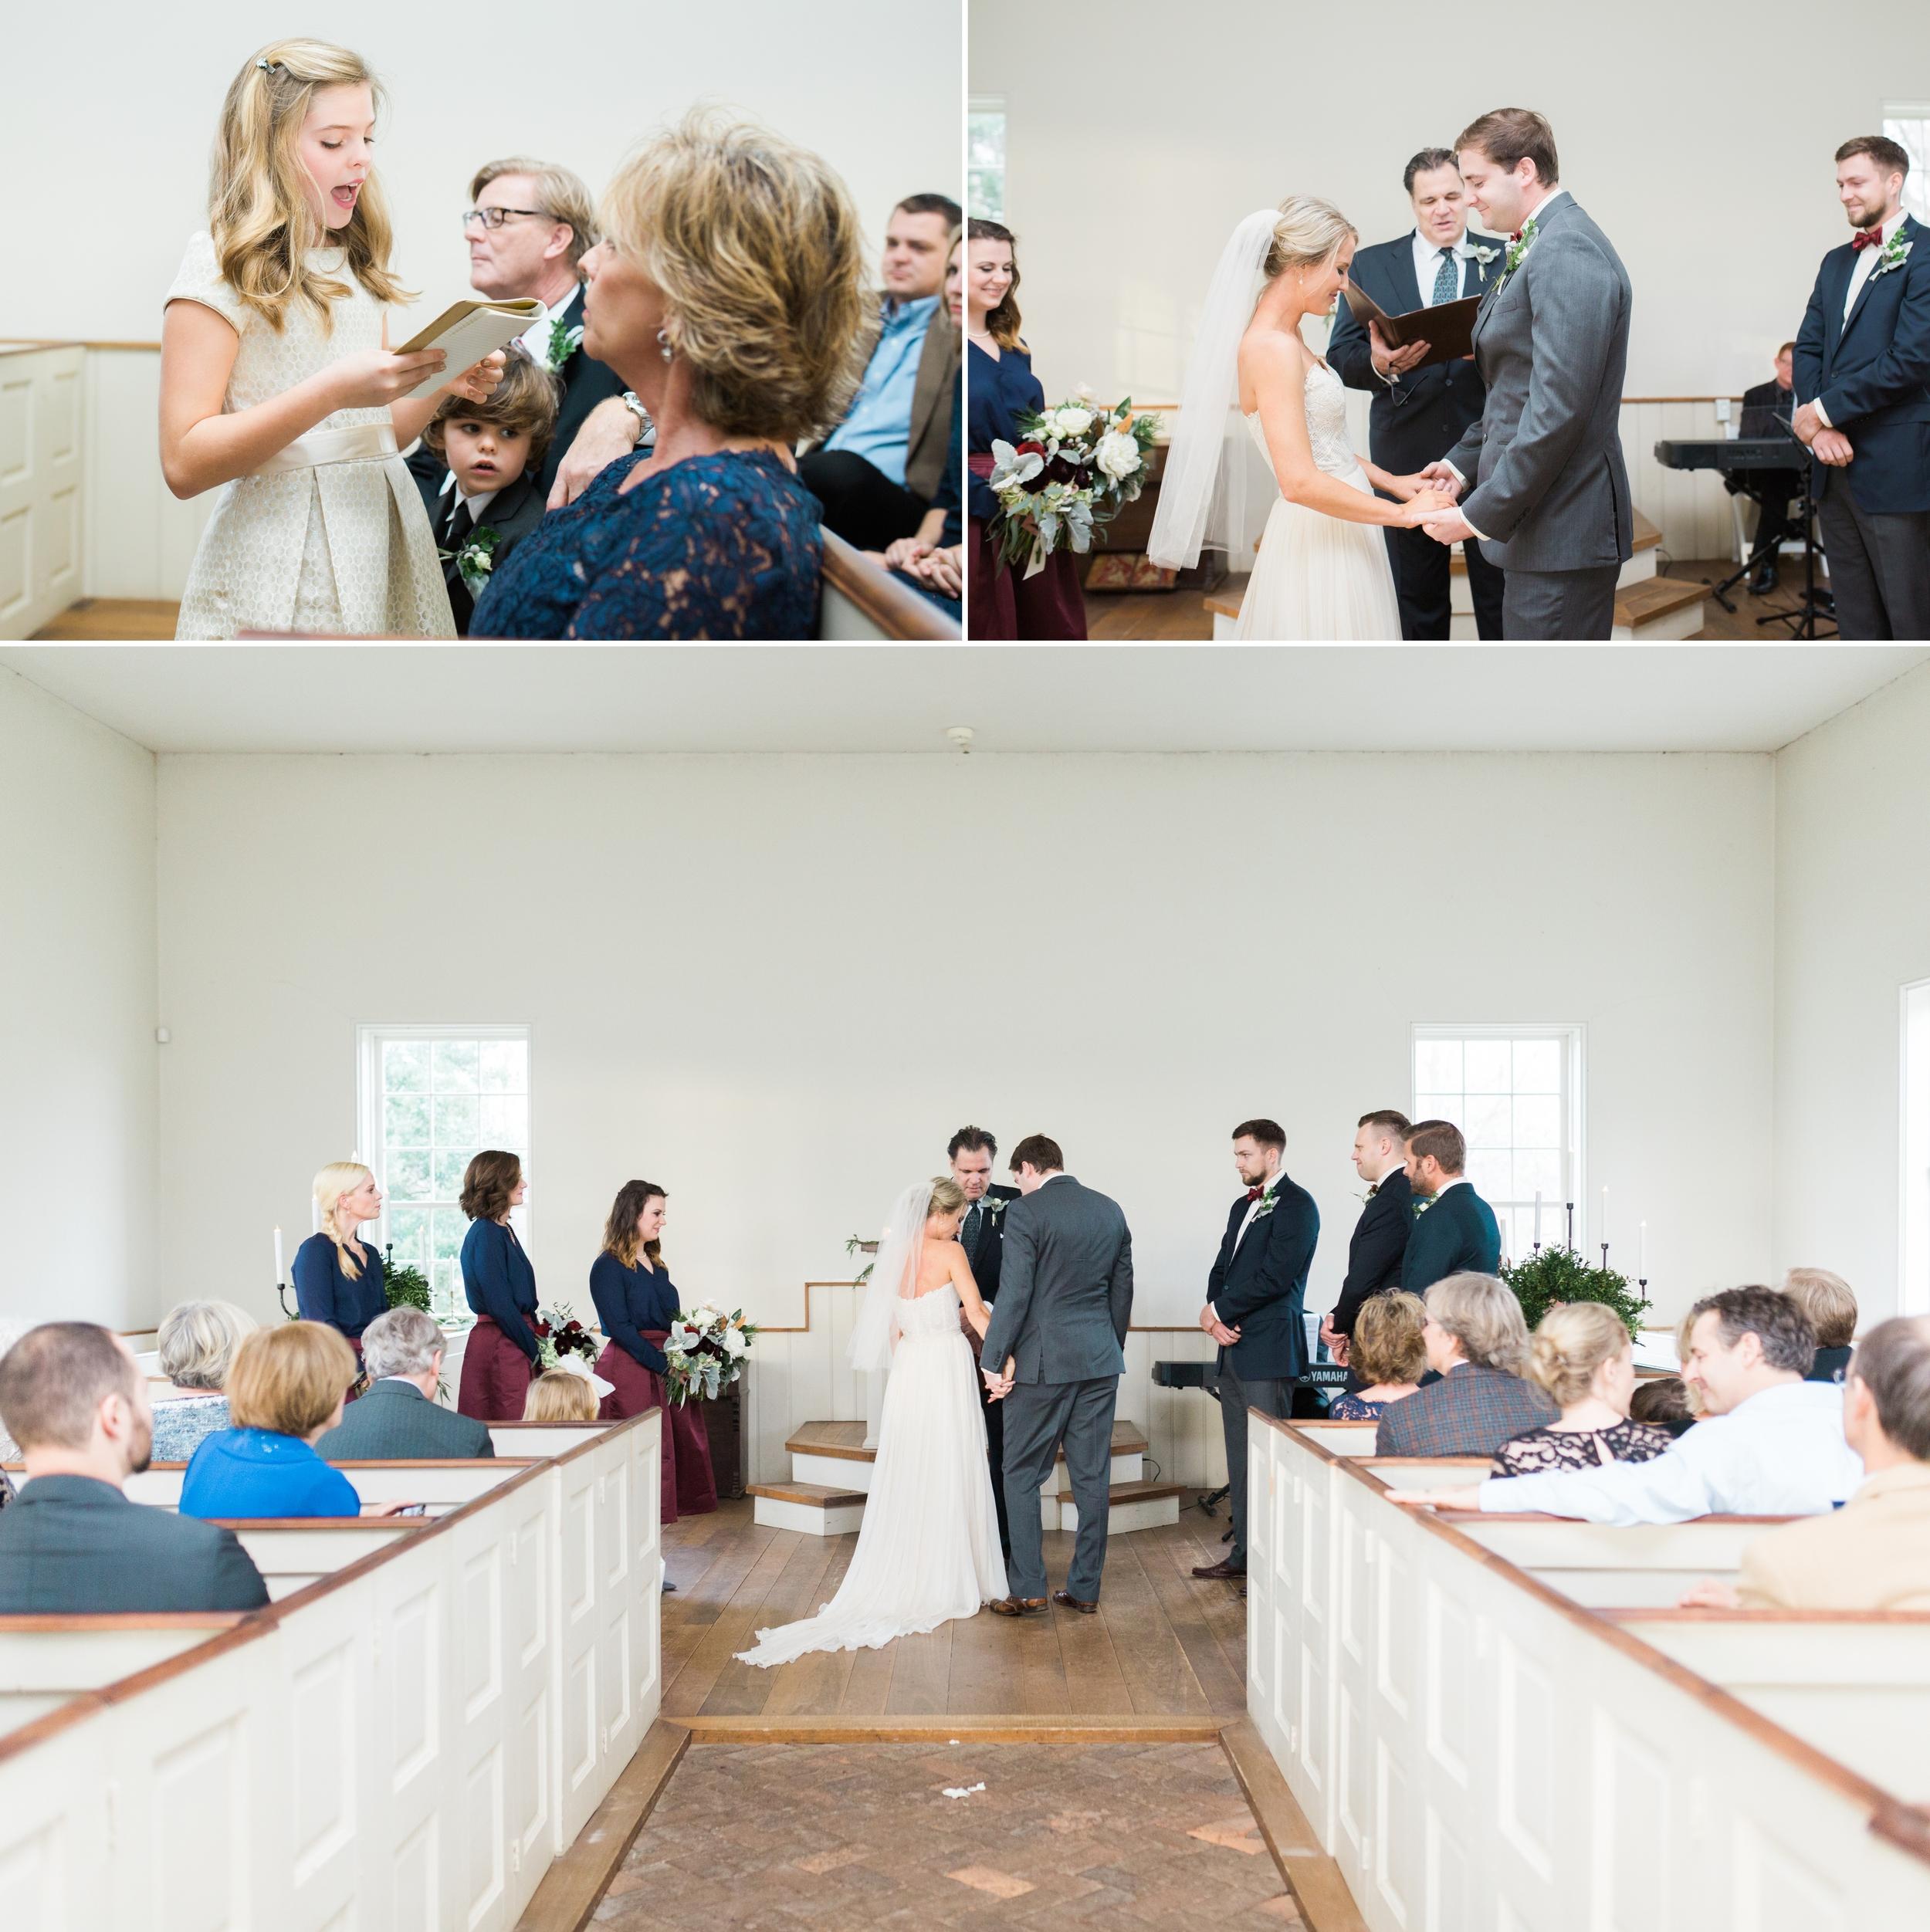 Carter and Molly Blanton - Wedding 25.jpg